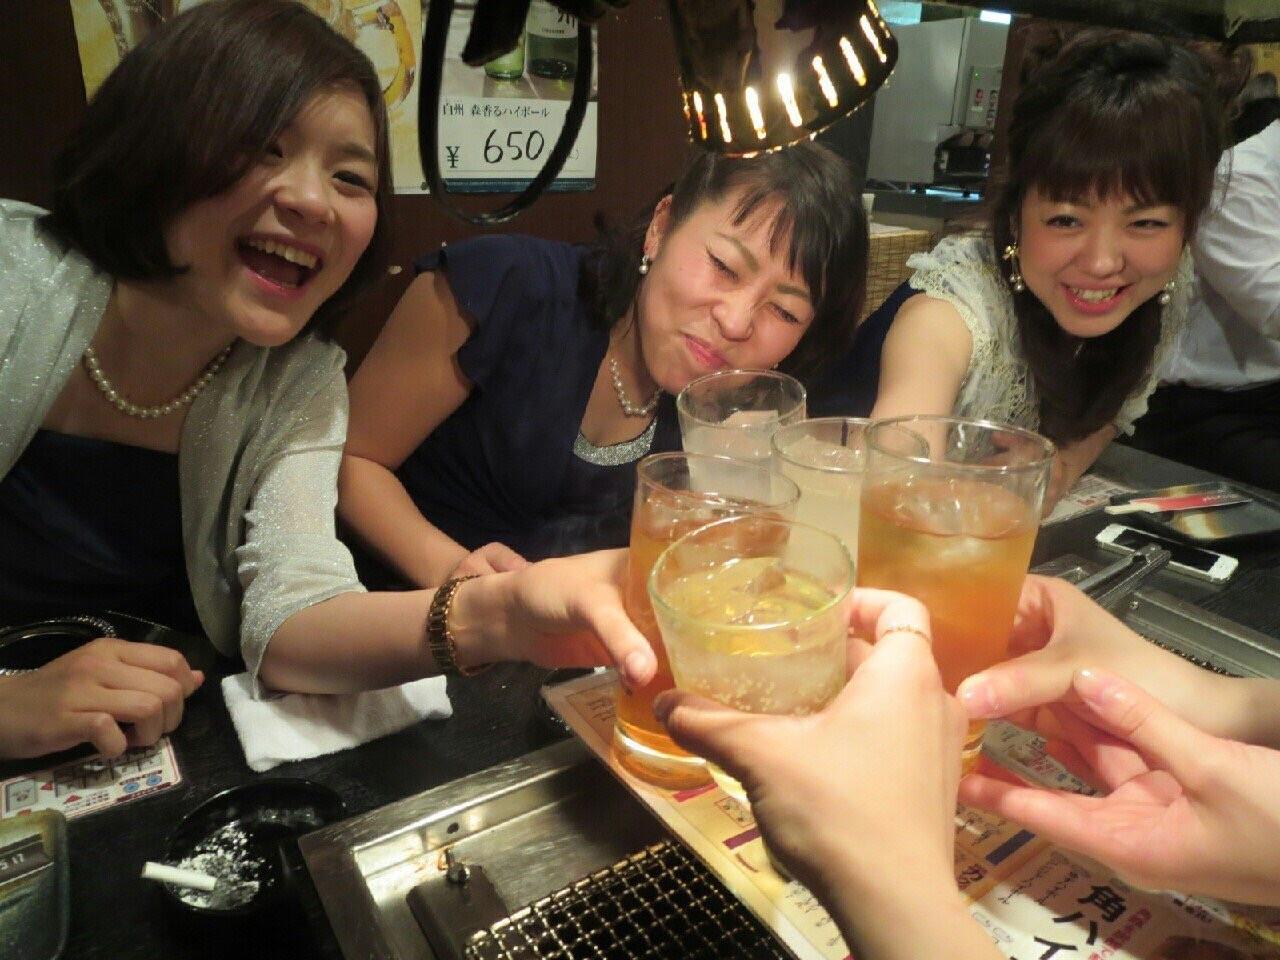 何度目か分からない乾杯も幸せですね(o゚c_,゚o )